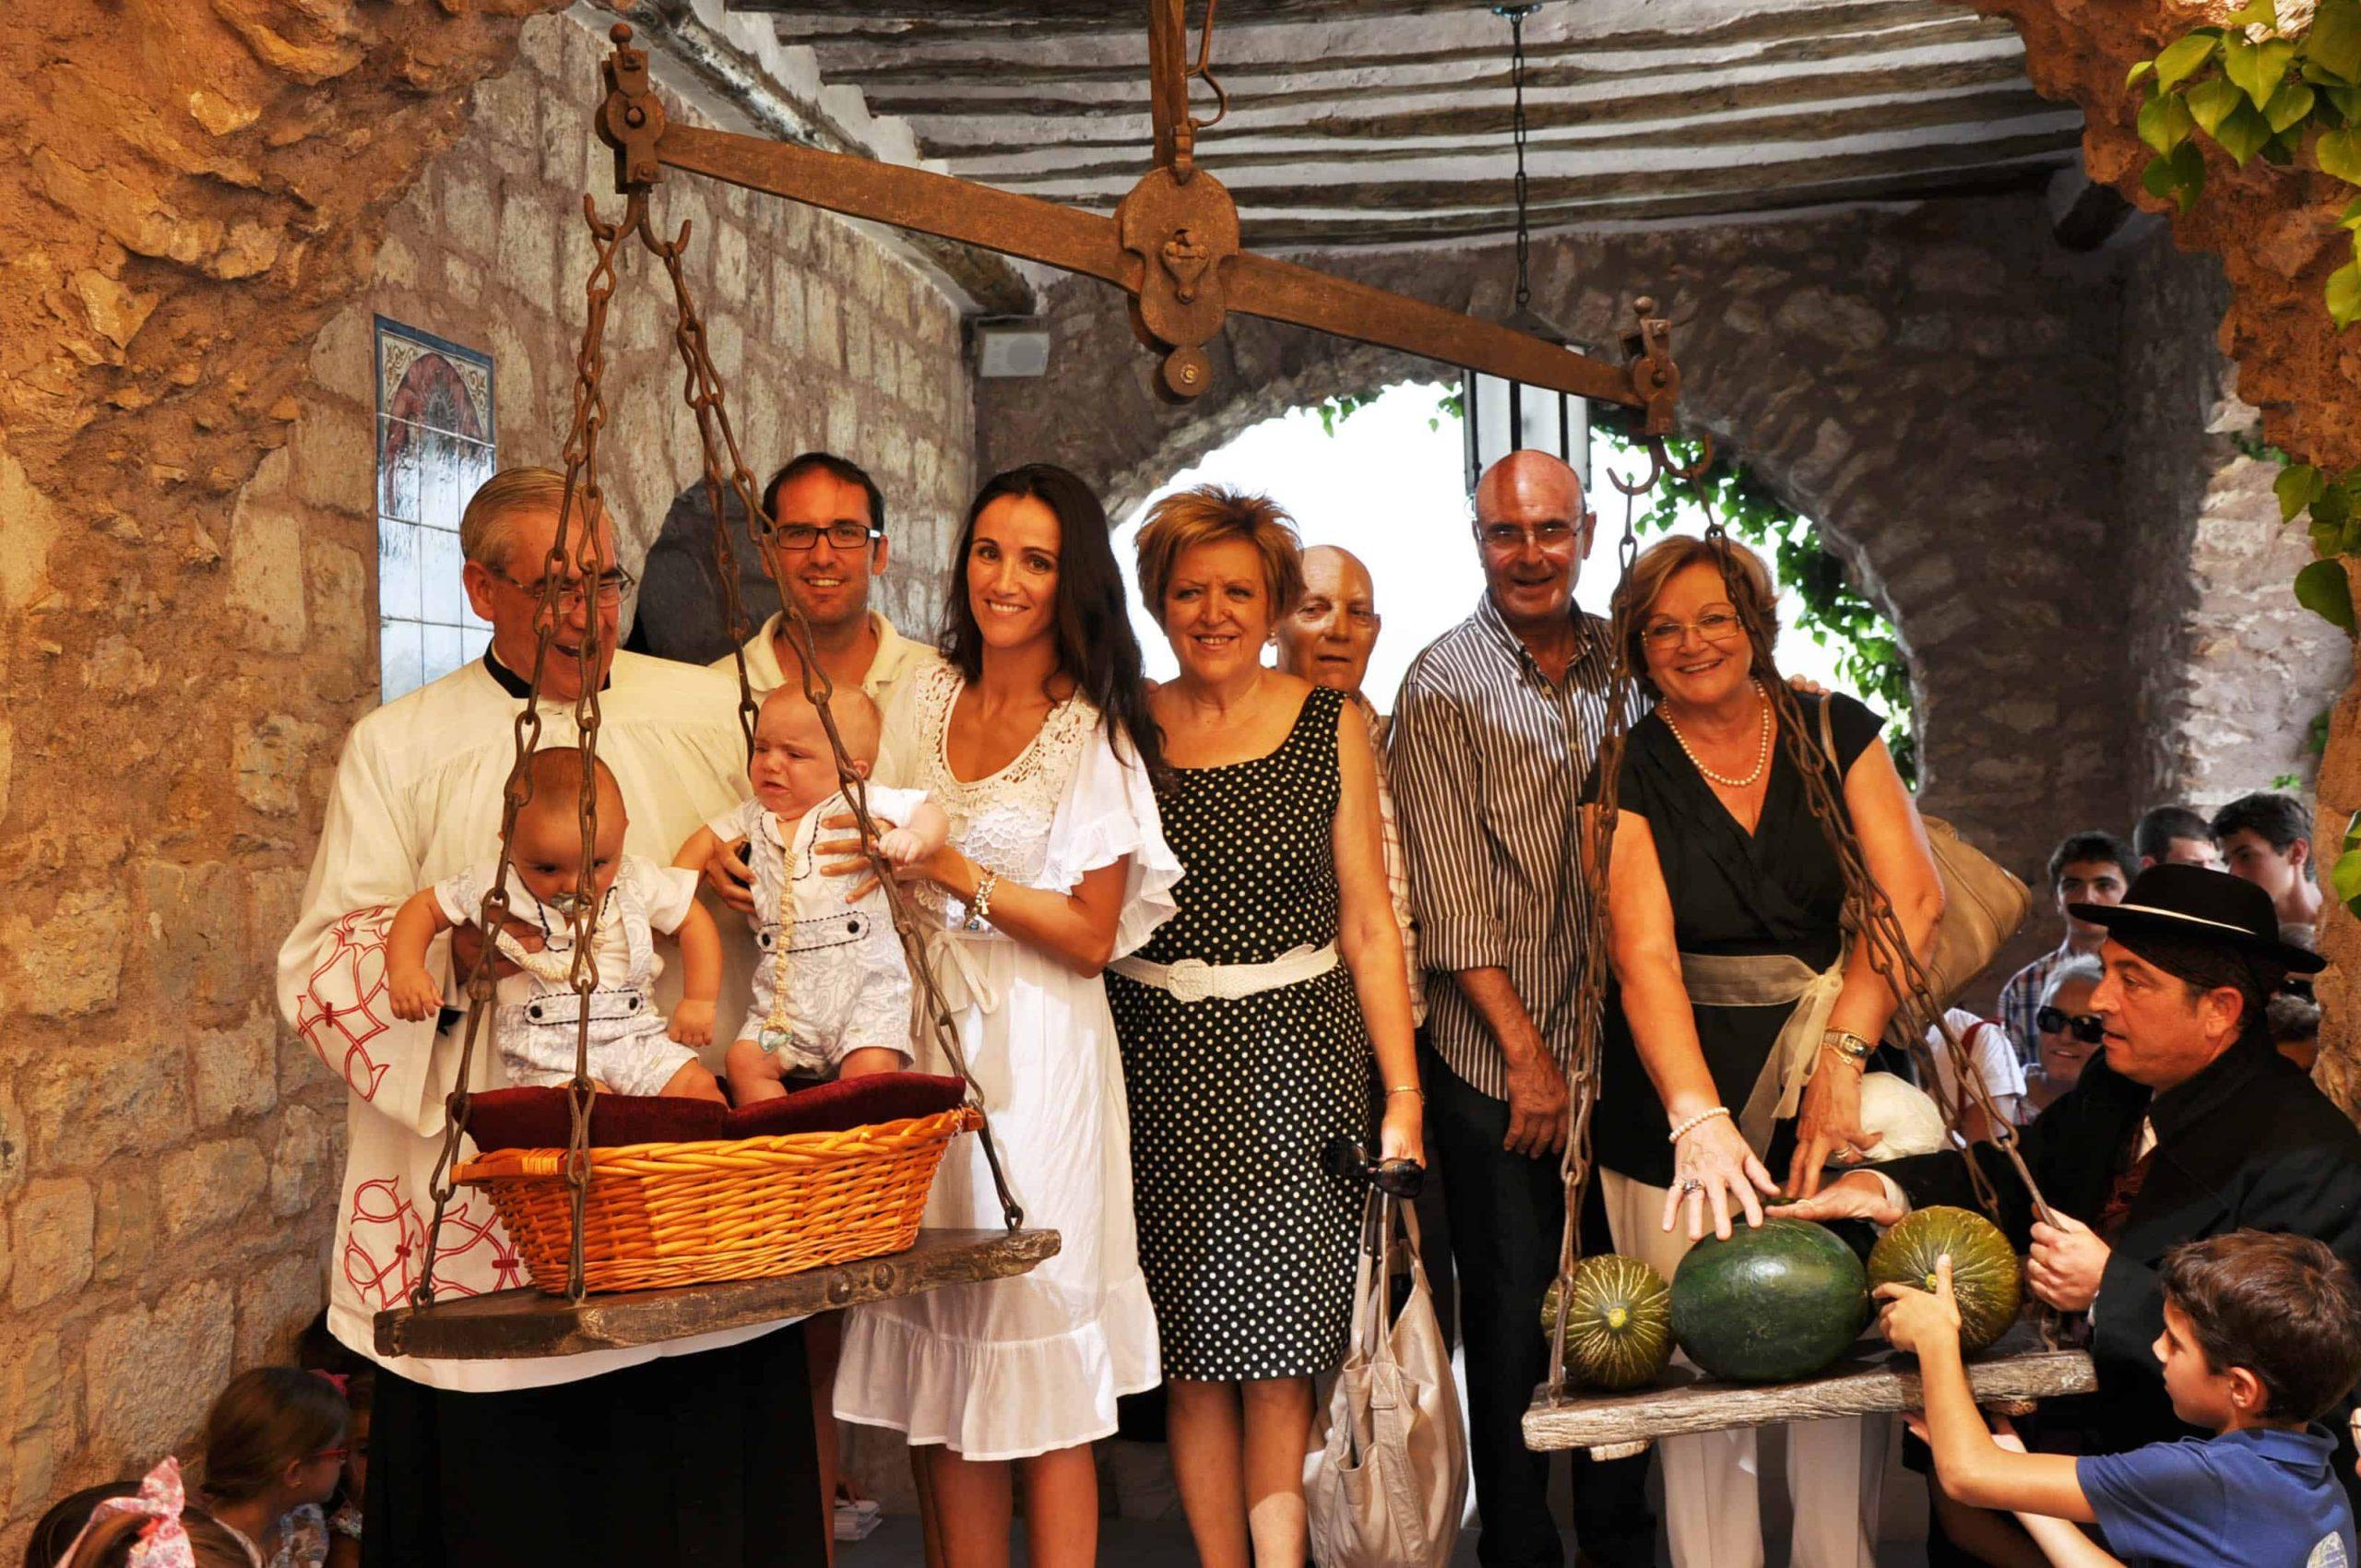 familia_salinas_de_barbastro_en_la_fiesta_de_la_virgen_de_torreciudad.jpg